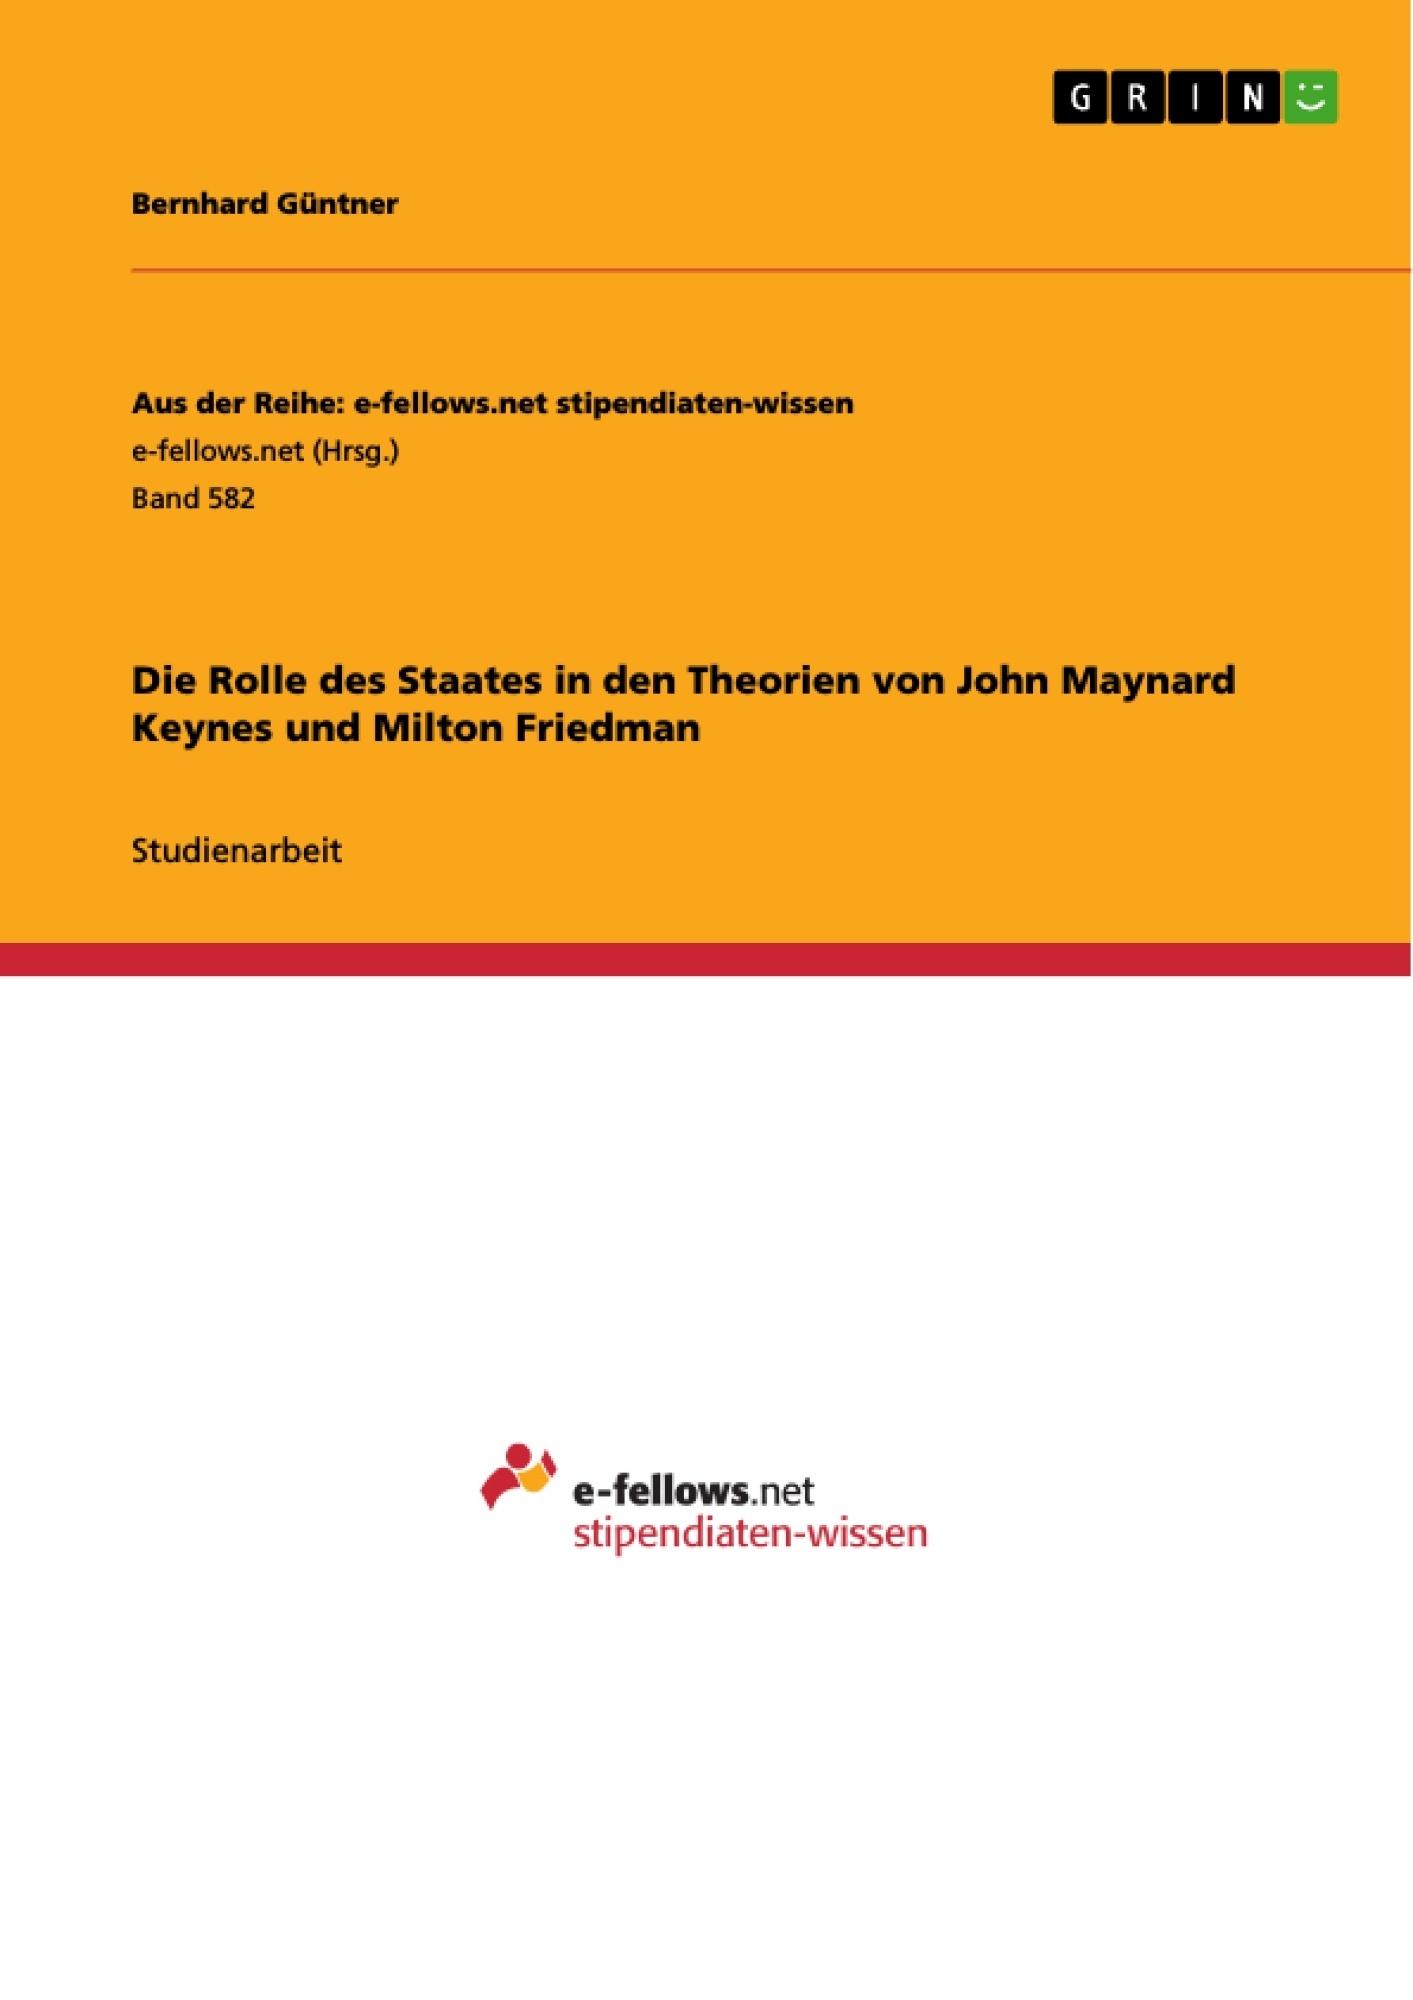 Titel: Die Rolle des Staates in den Theorien von  John Maynard Keynes und Milton Friedman